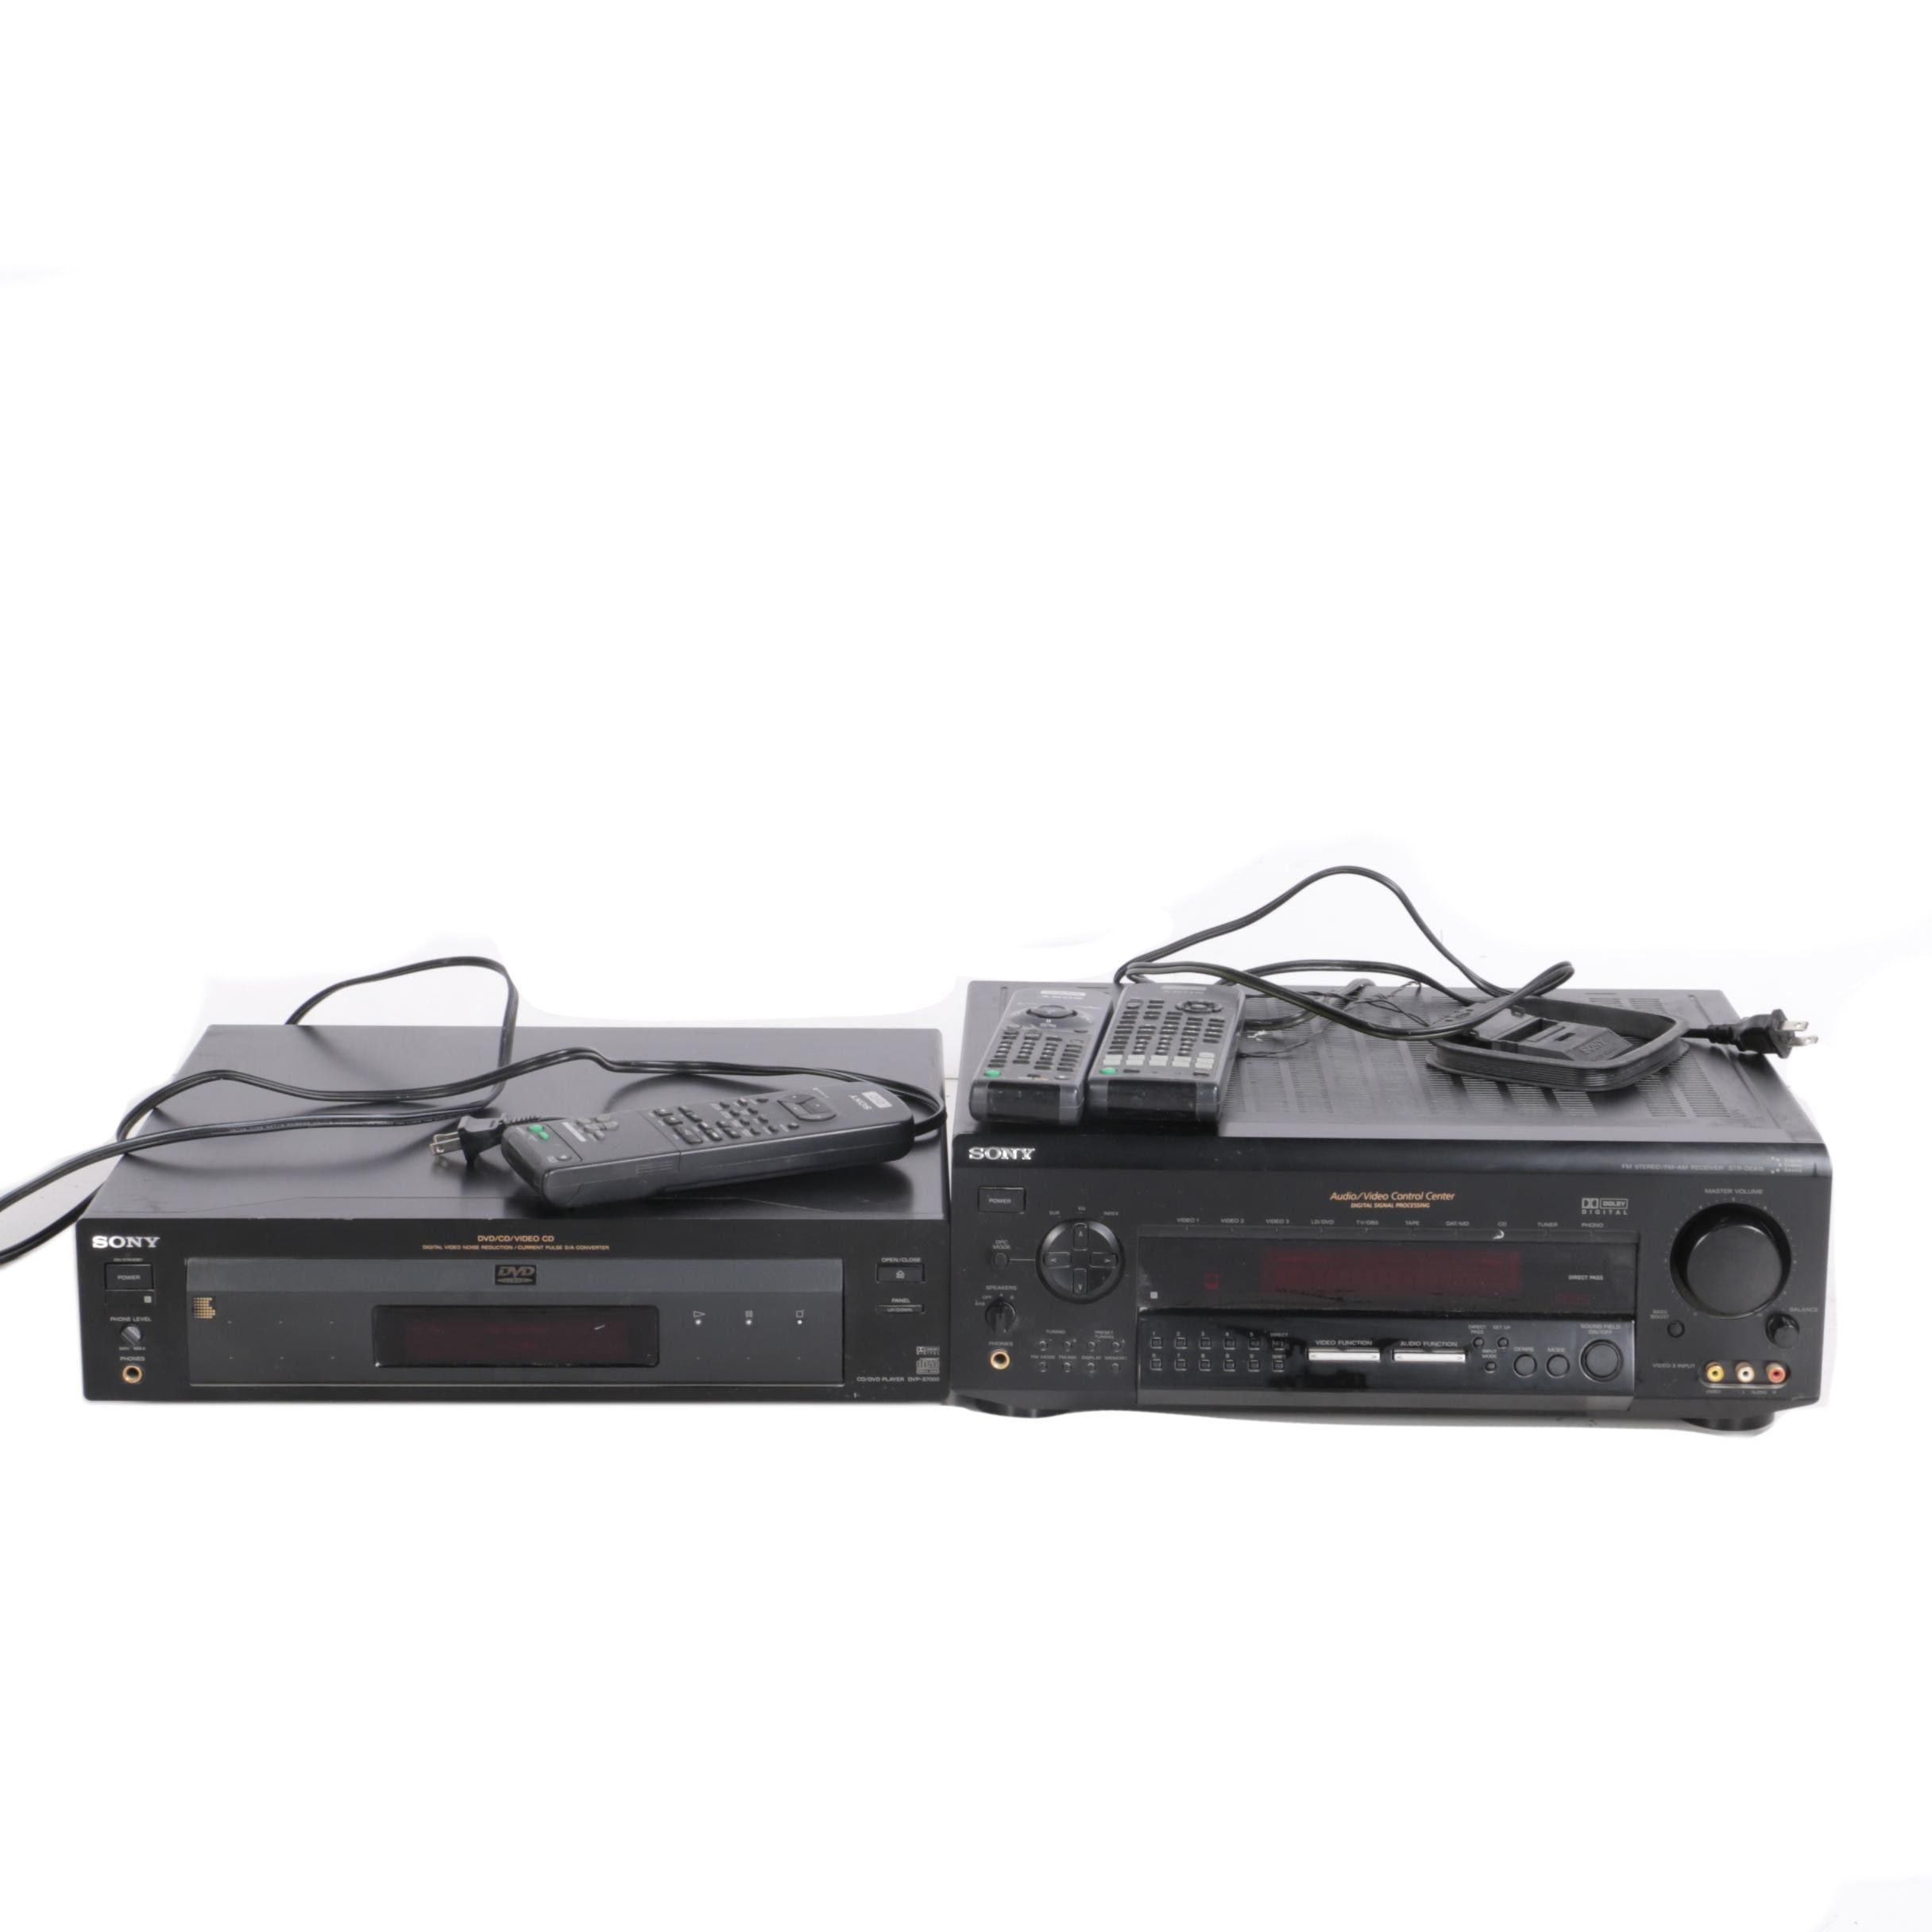 Sony DVP-S7000 DVD/CD Player and STR-DE915 FM-AM Reveiver